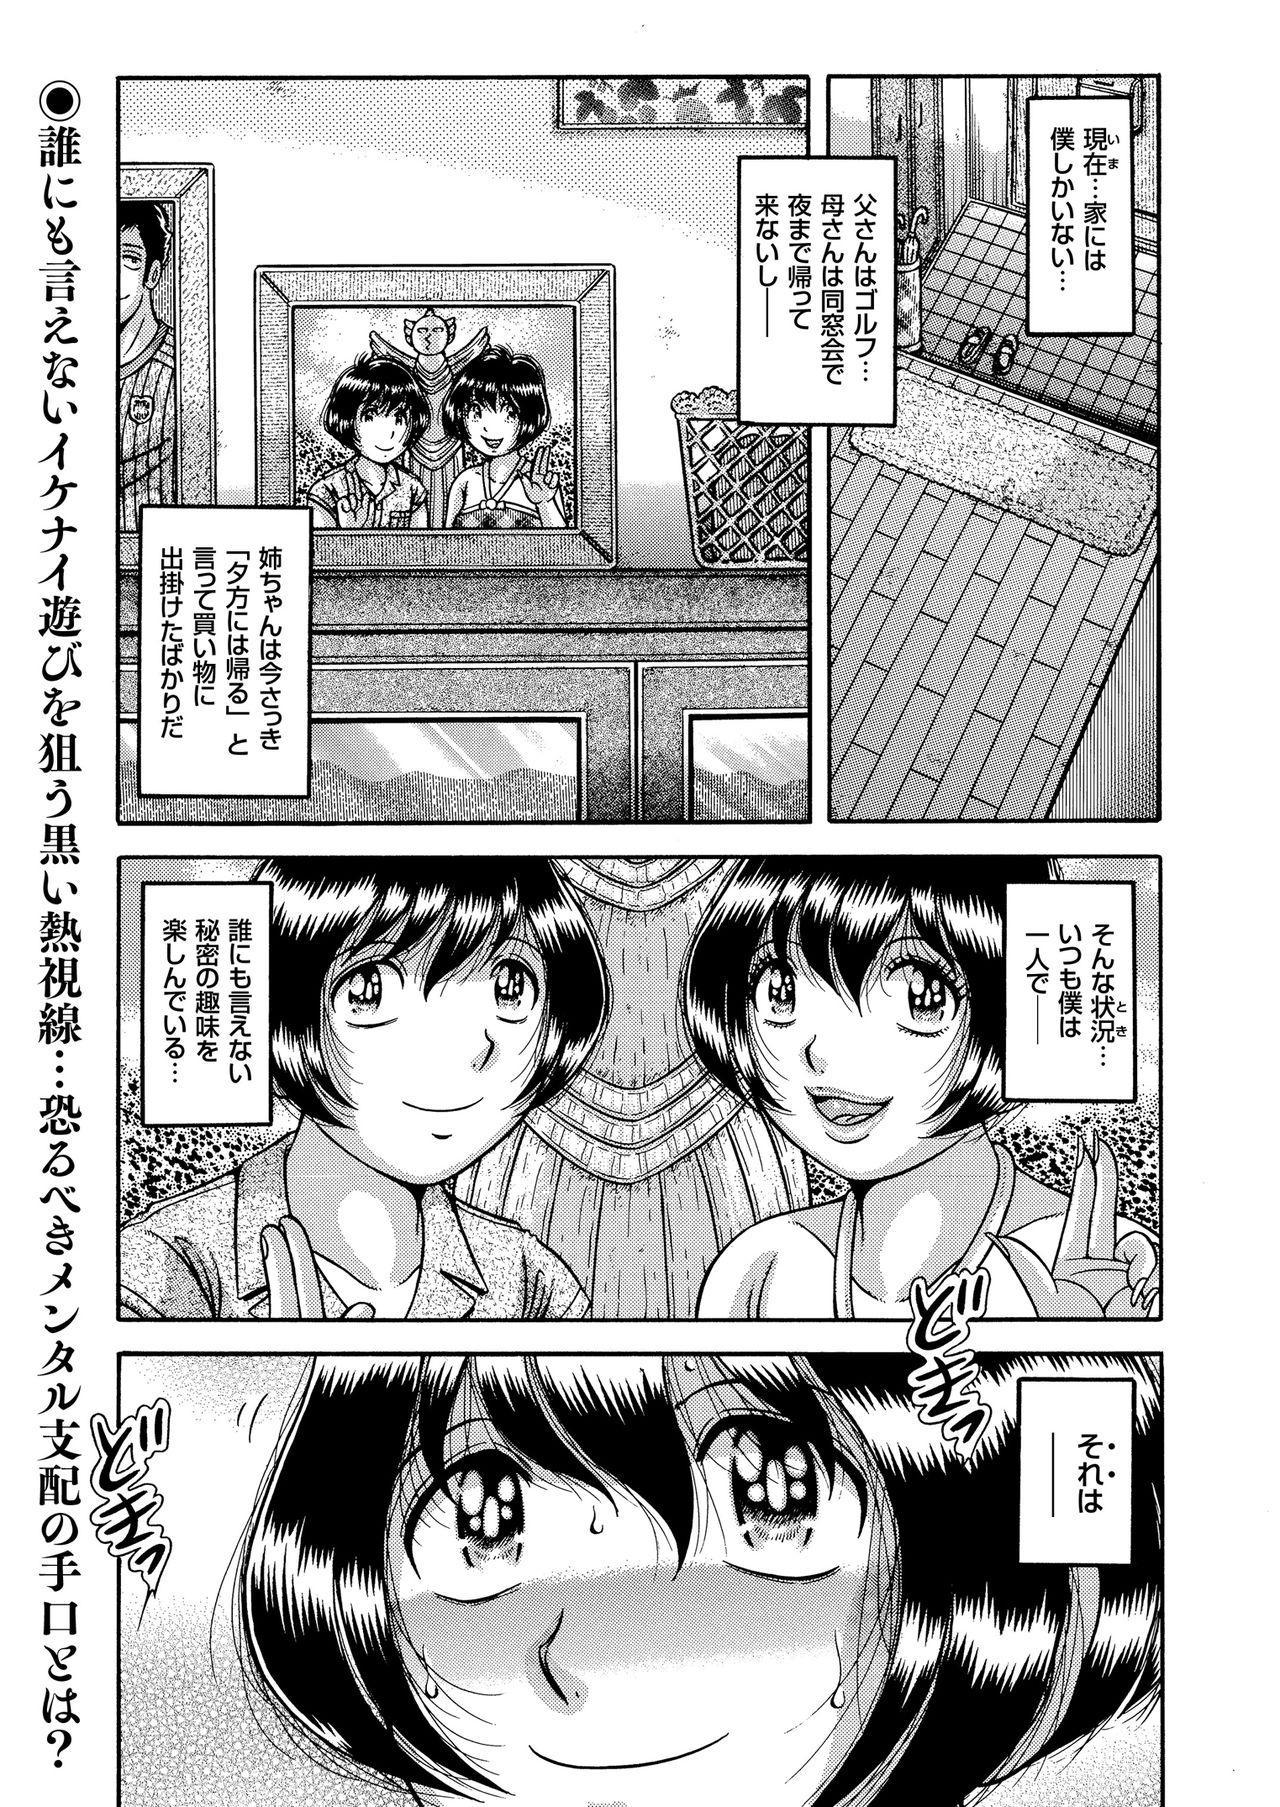 COMIC KURiBERON 2018-05 Vol. 67 80